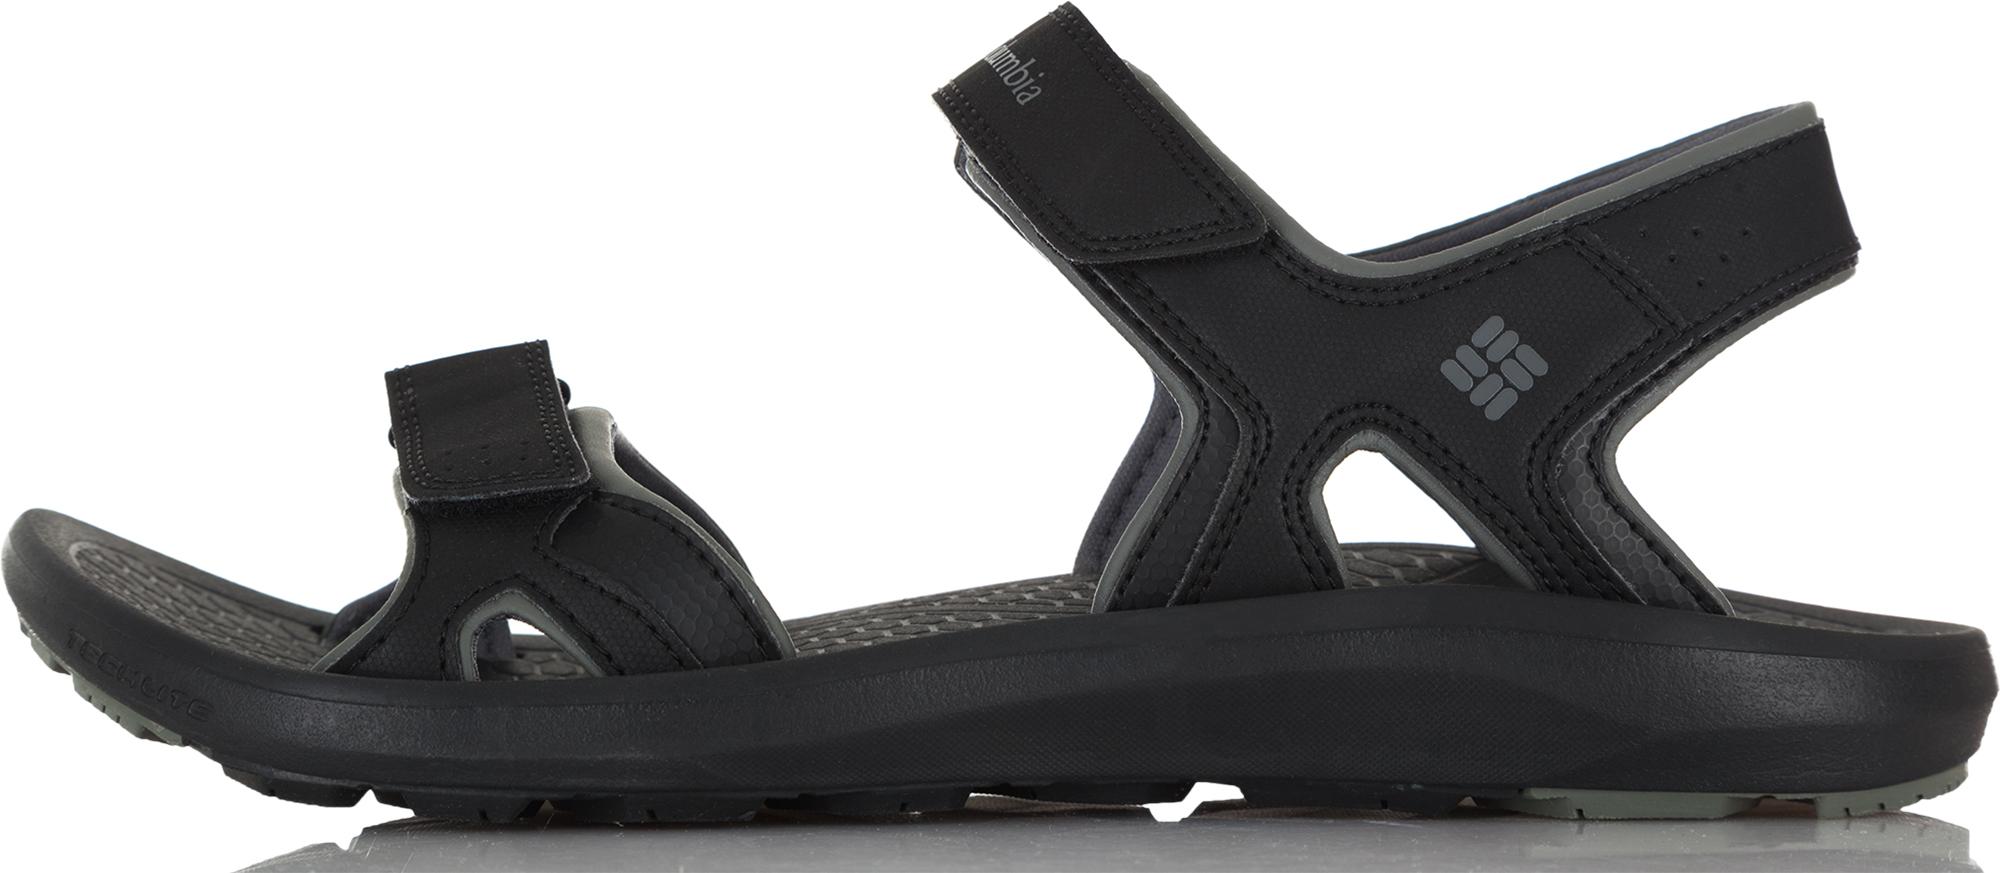 Columbia Сандалии мужские Columbia Riptide II Sandal сандалии caprice сандалии